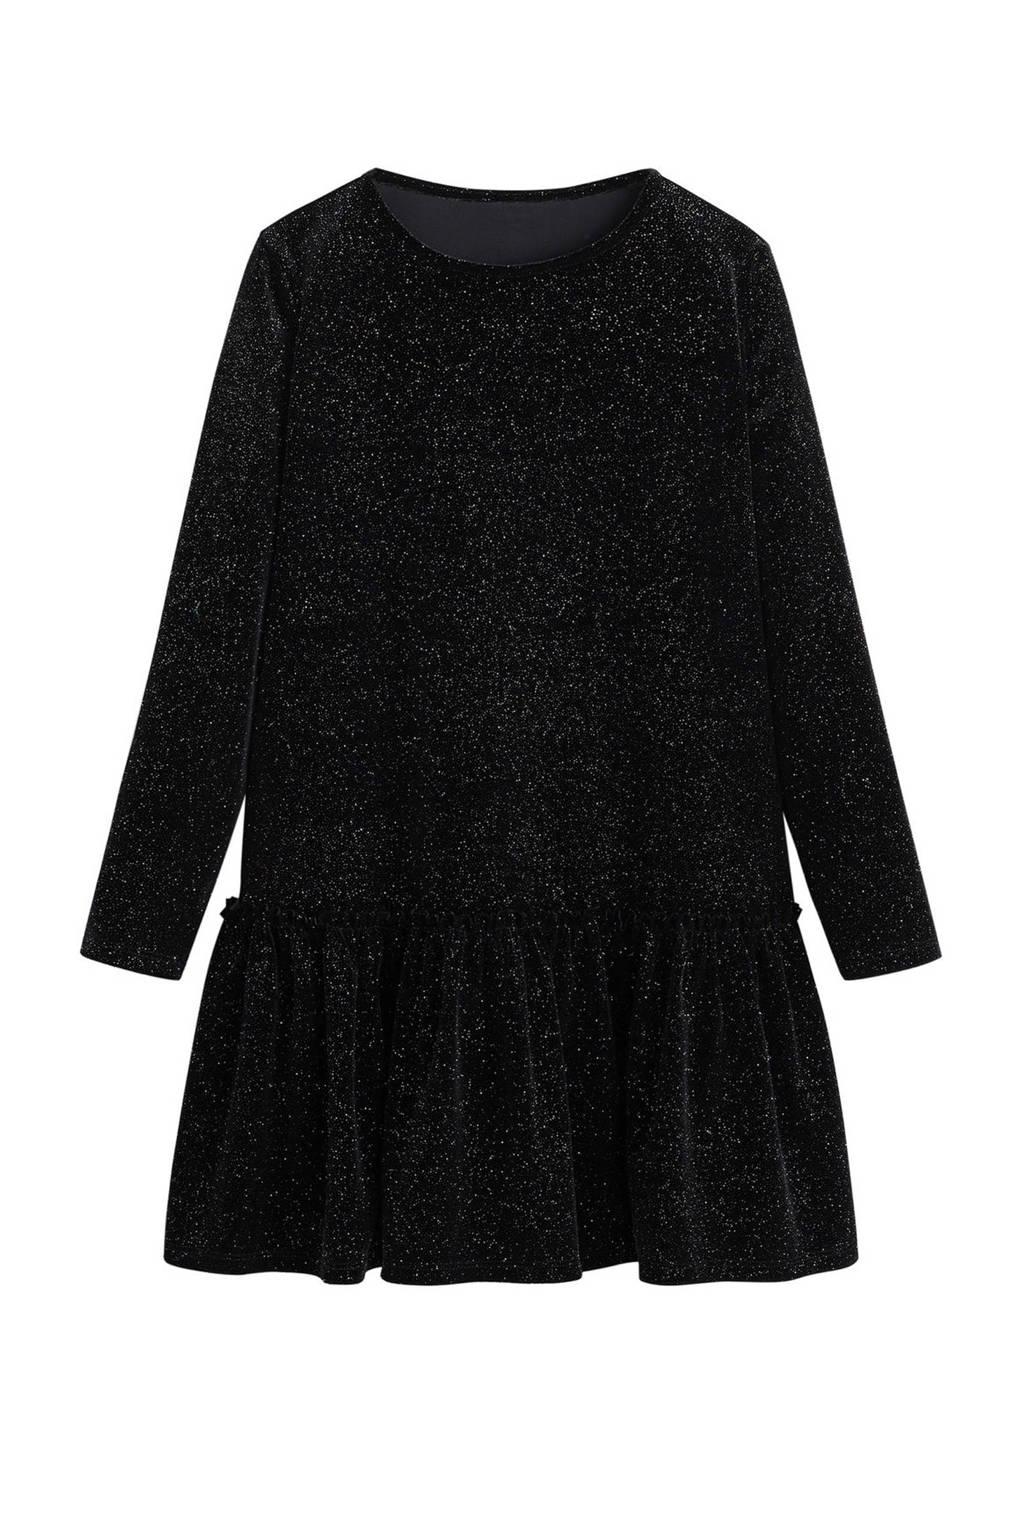 Mango Kids A-lijn jurk met all over print en glitters zwart, Zwart